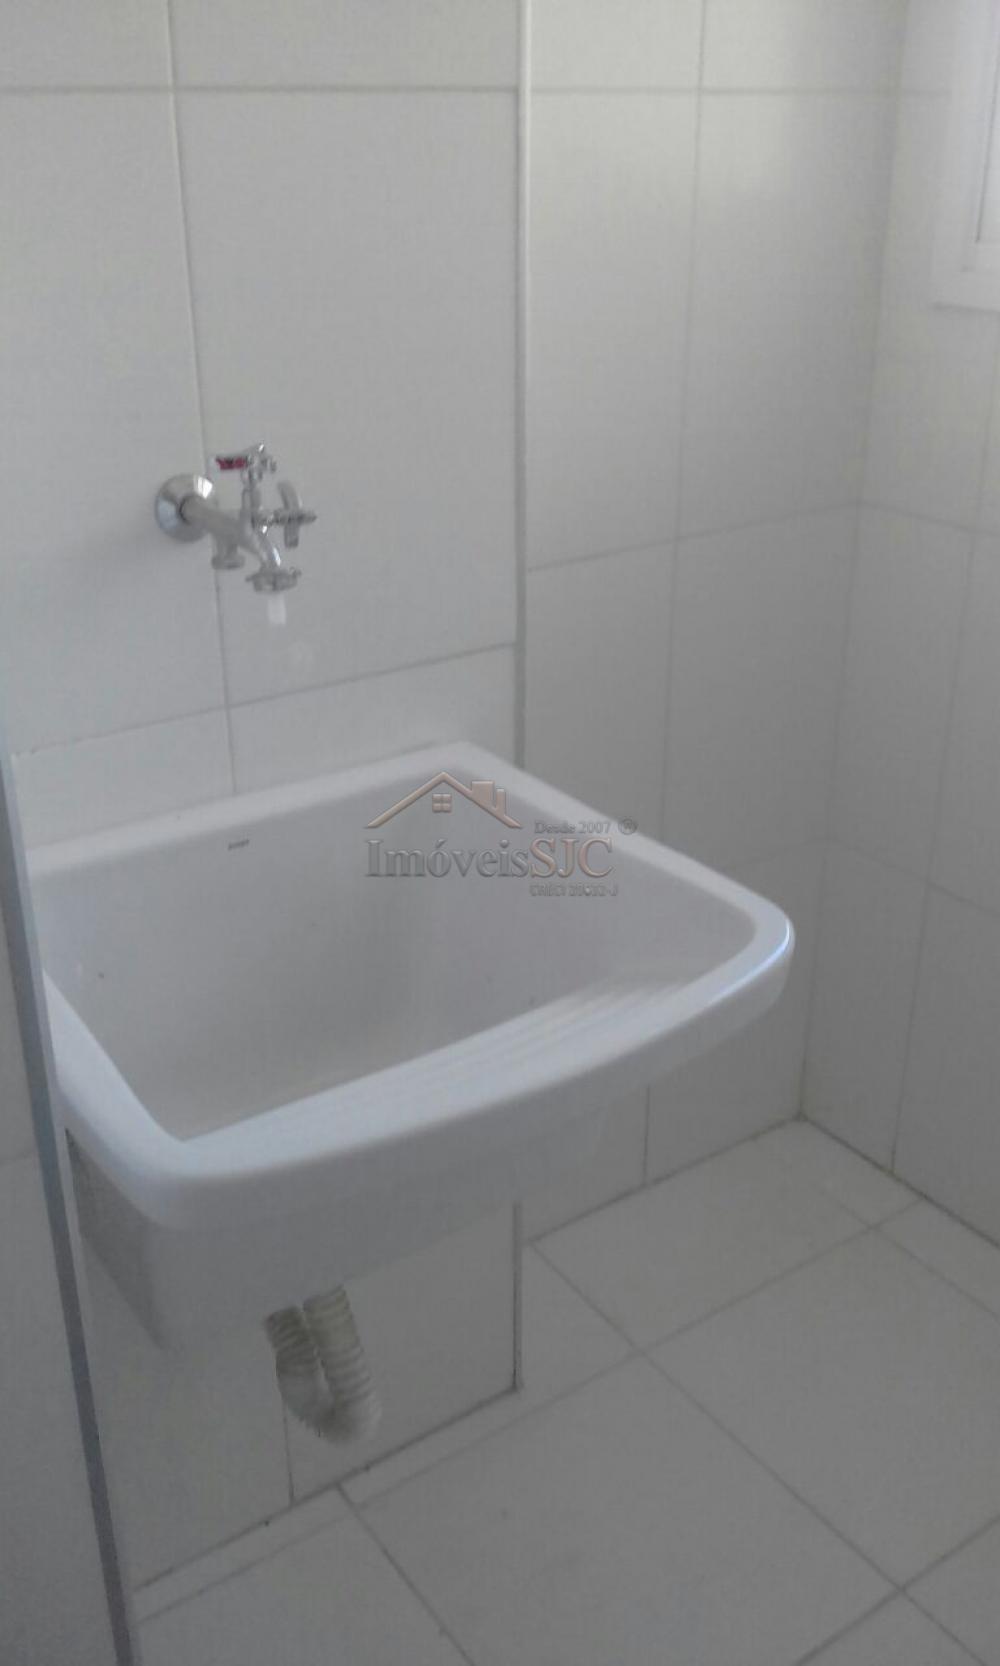 Comprar Apartamentos / Padrão em São José dos Campos apenas R$ 275.000,00 - Foto 8